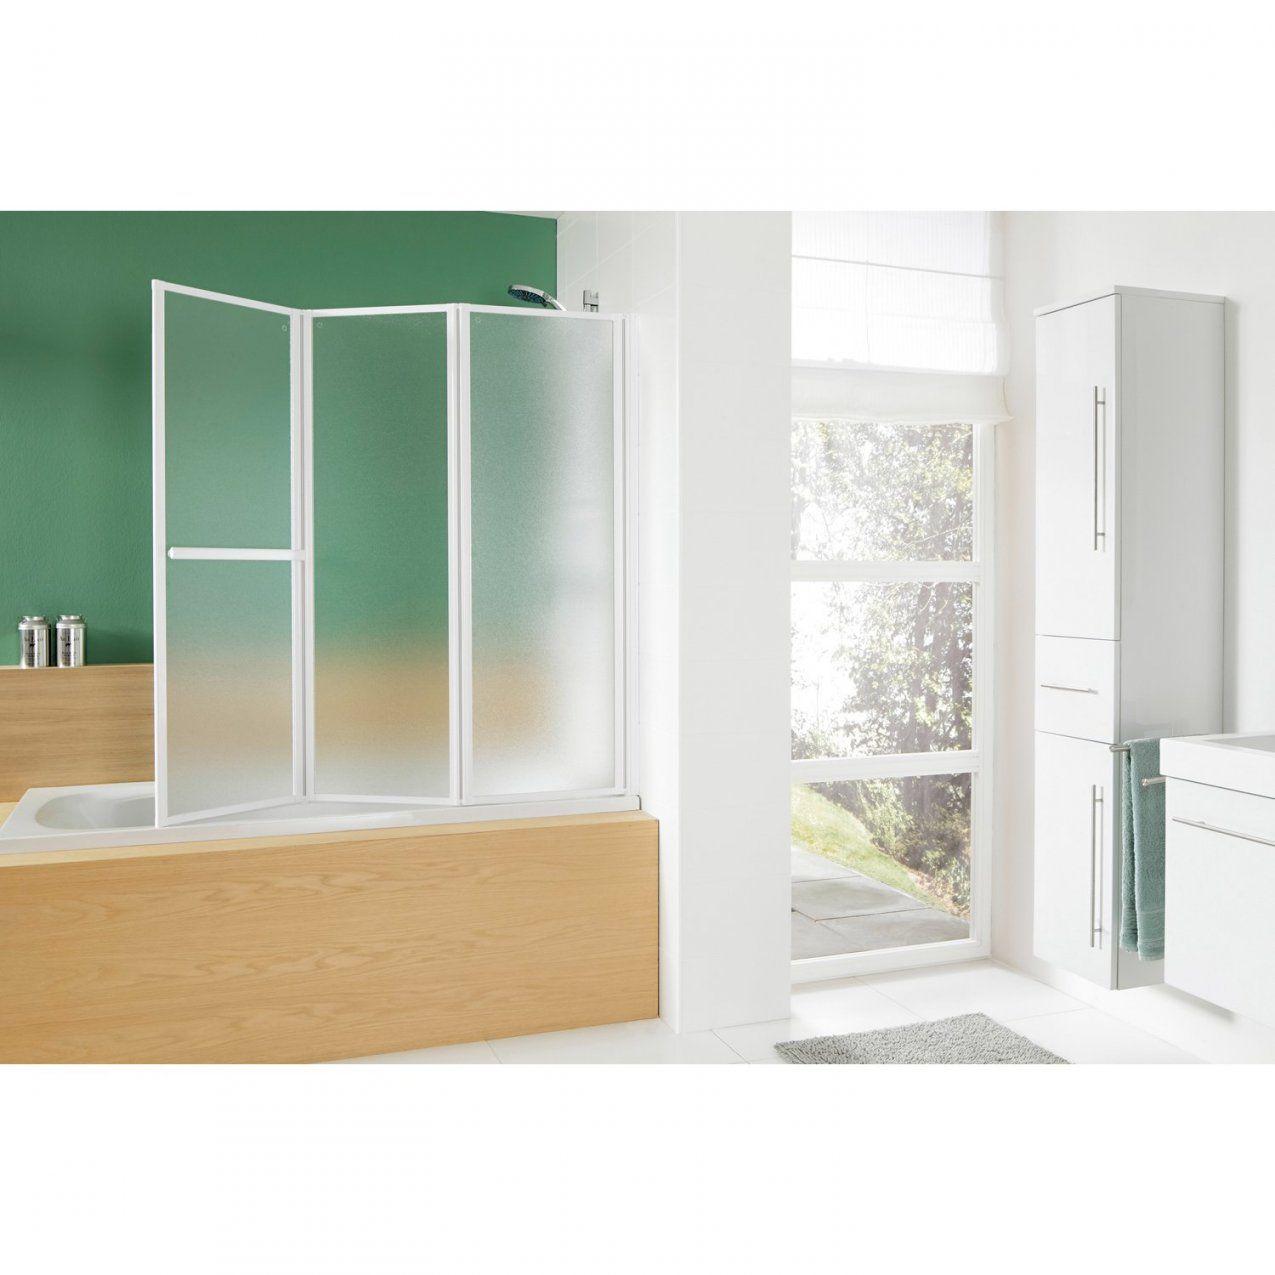 Obi Badewannenaufsatz Mit Handtuchhalter Mela Ii Echtglas 140 Cm X